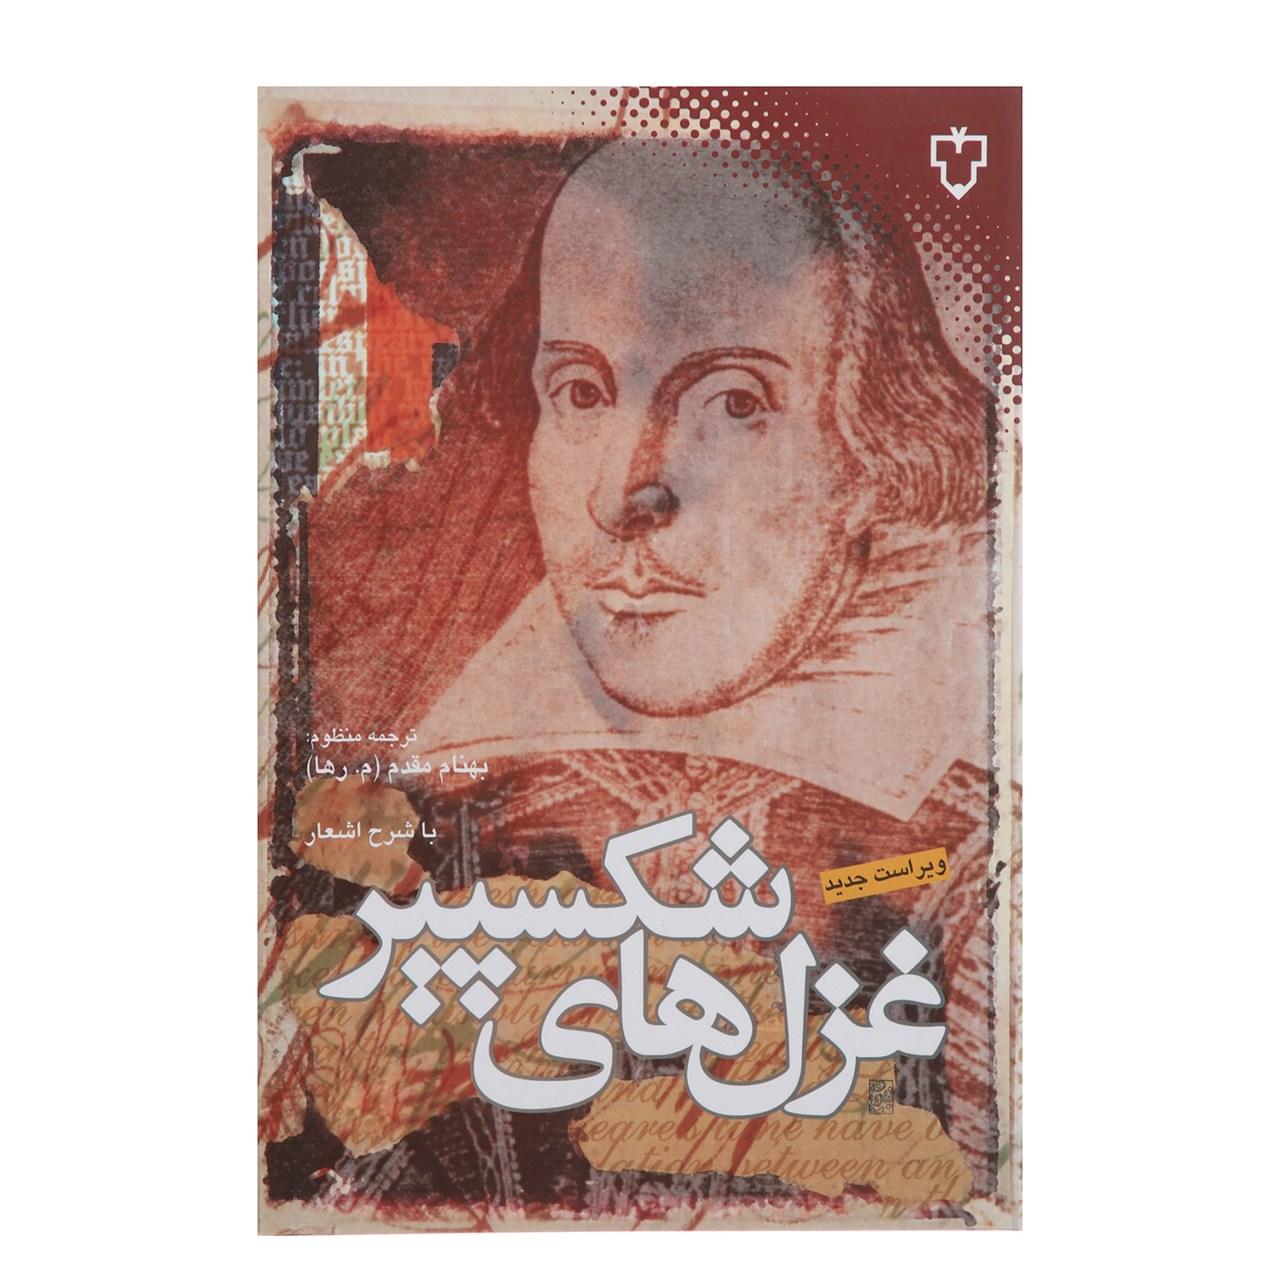 کتاب غزل های شکسپیر اثر ویلیام شکسپیر